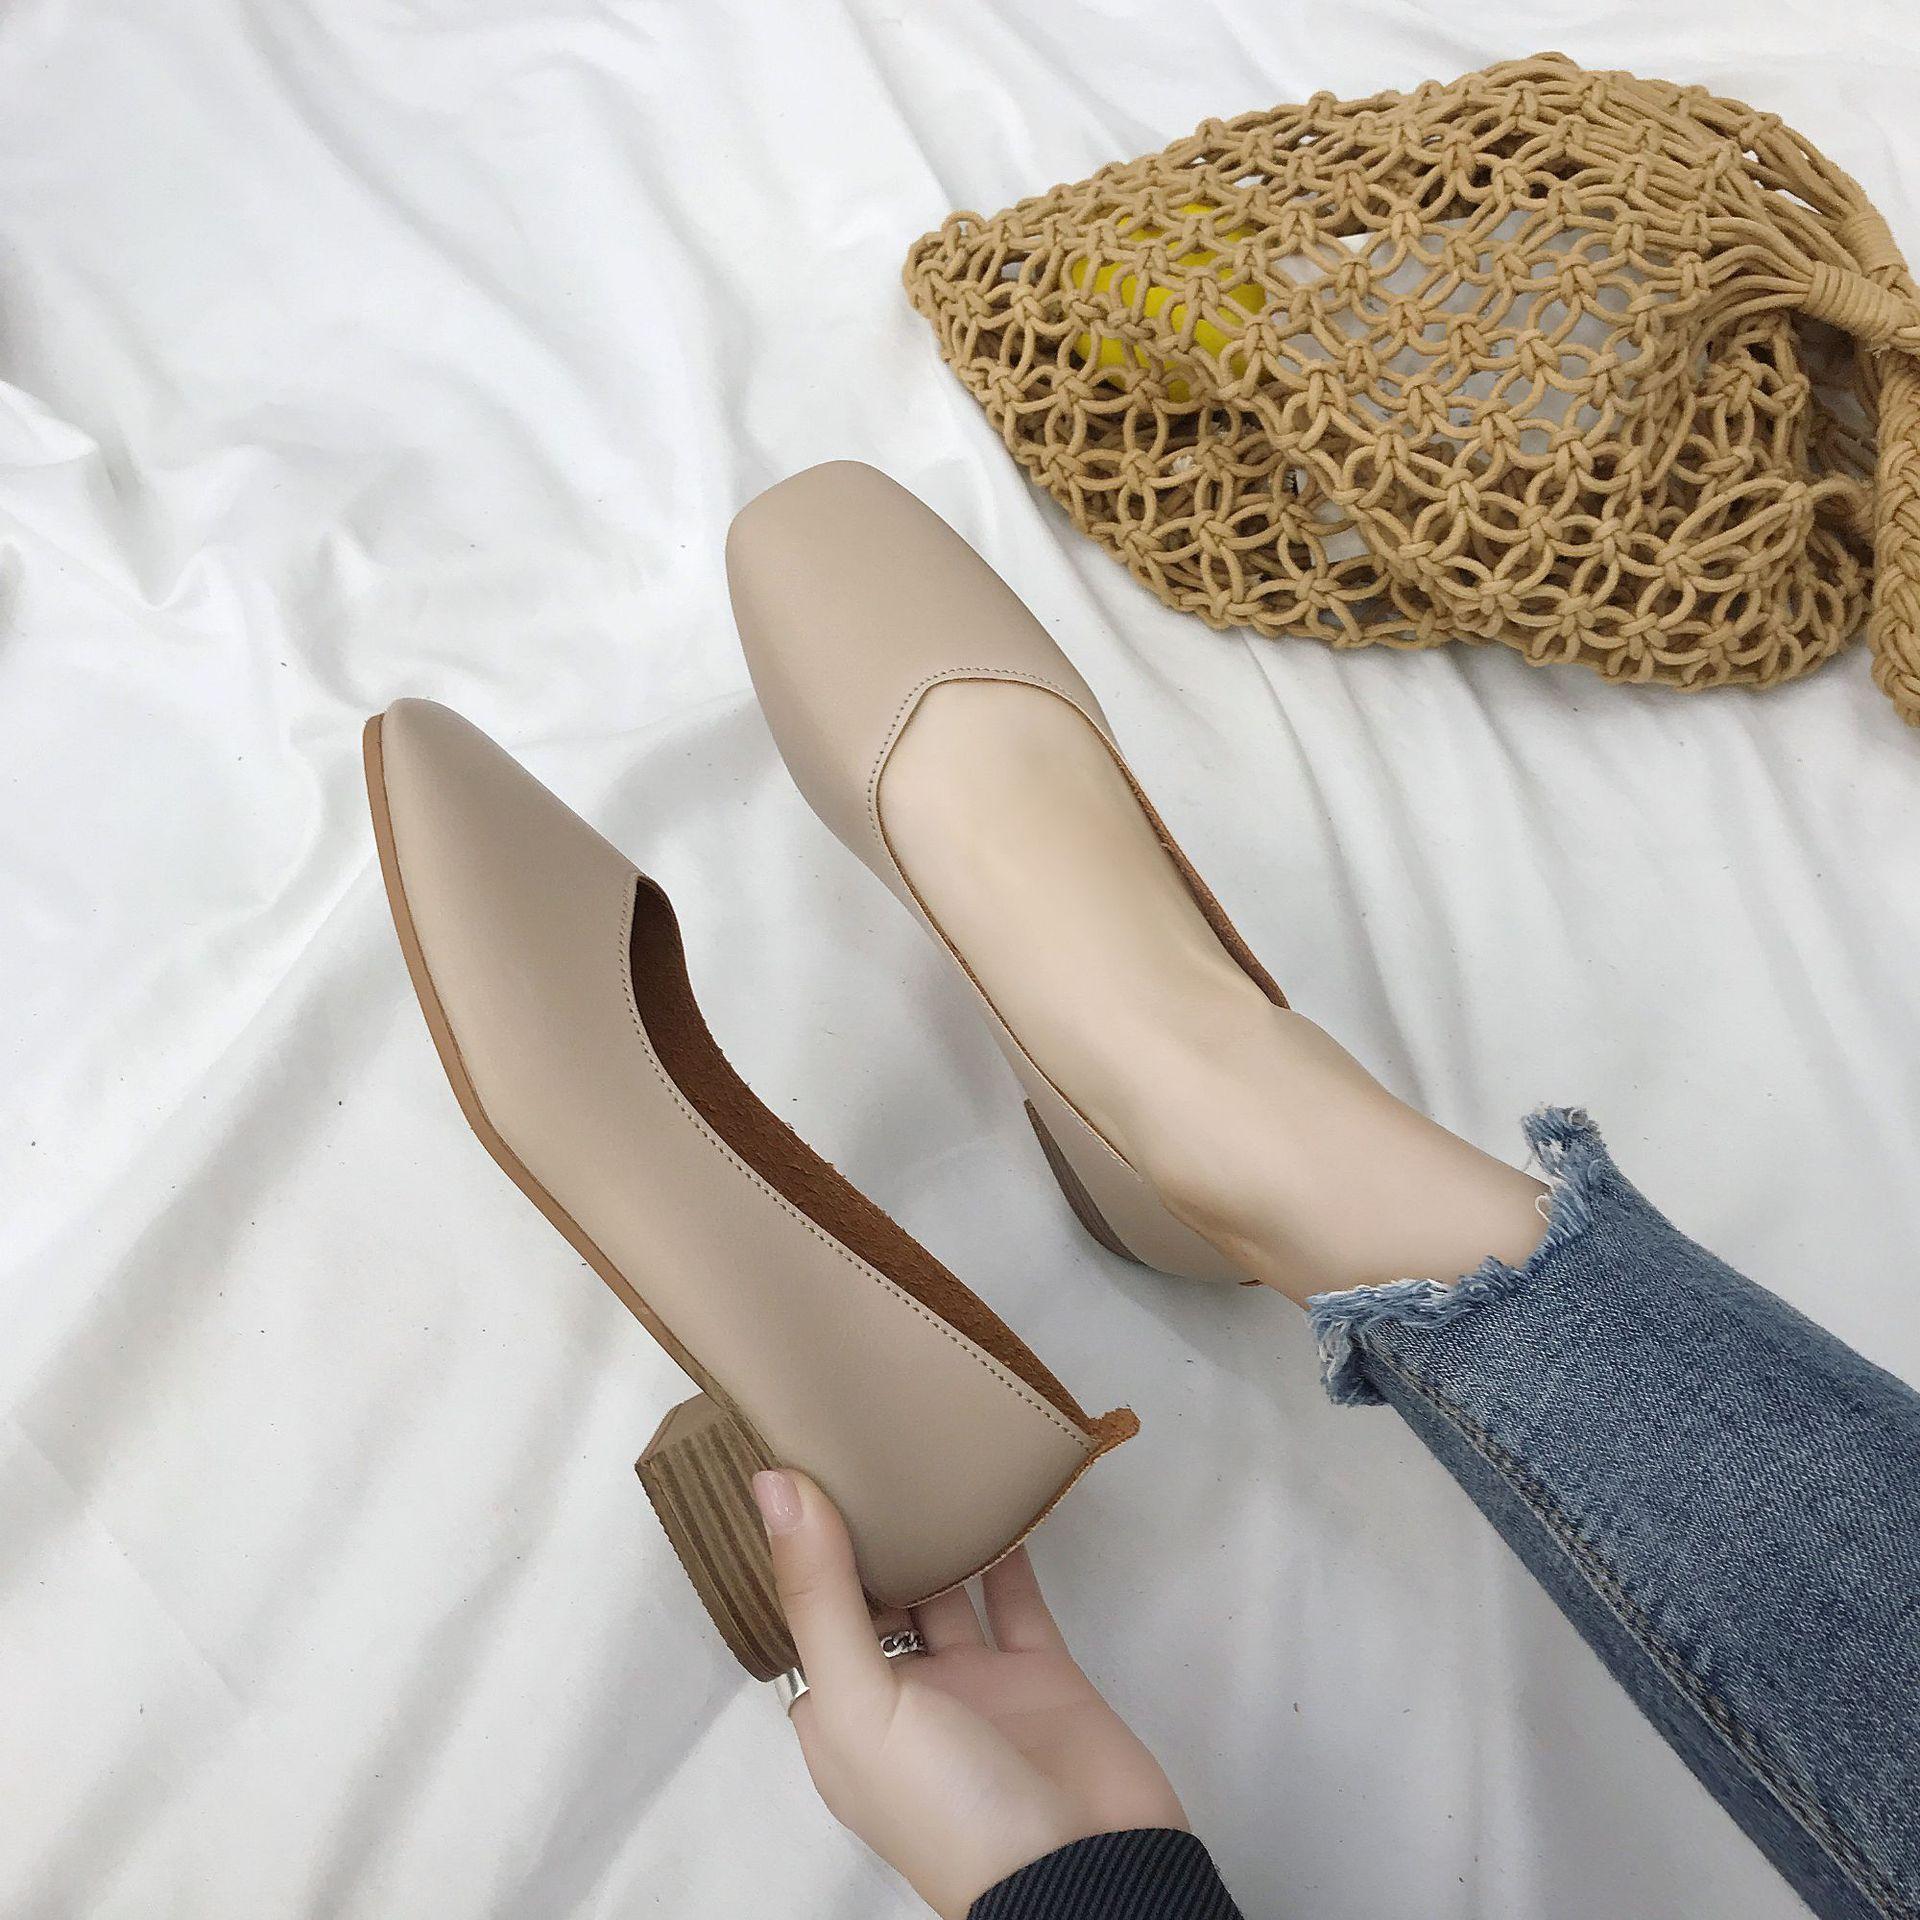 Nouvelle mode femmes chaussures carrés talons décontracté chaussures douces